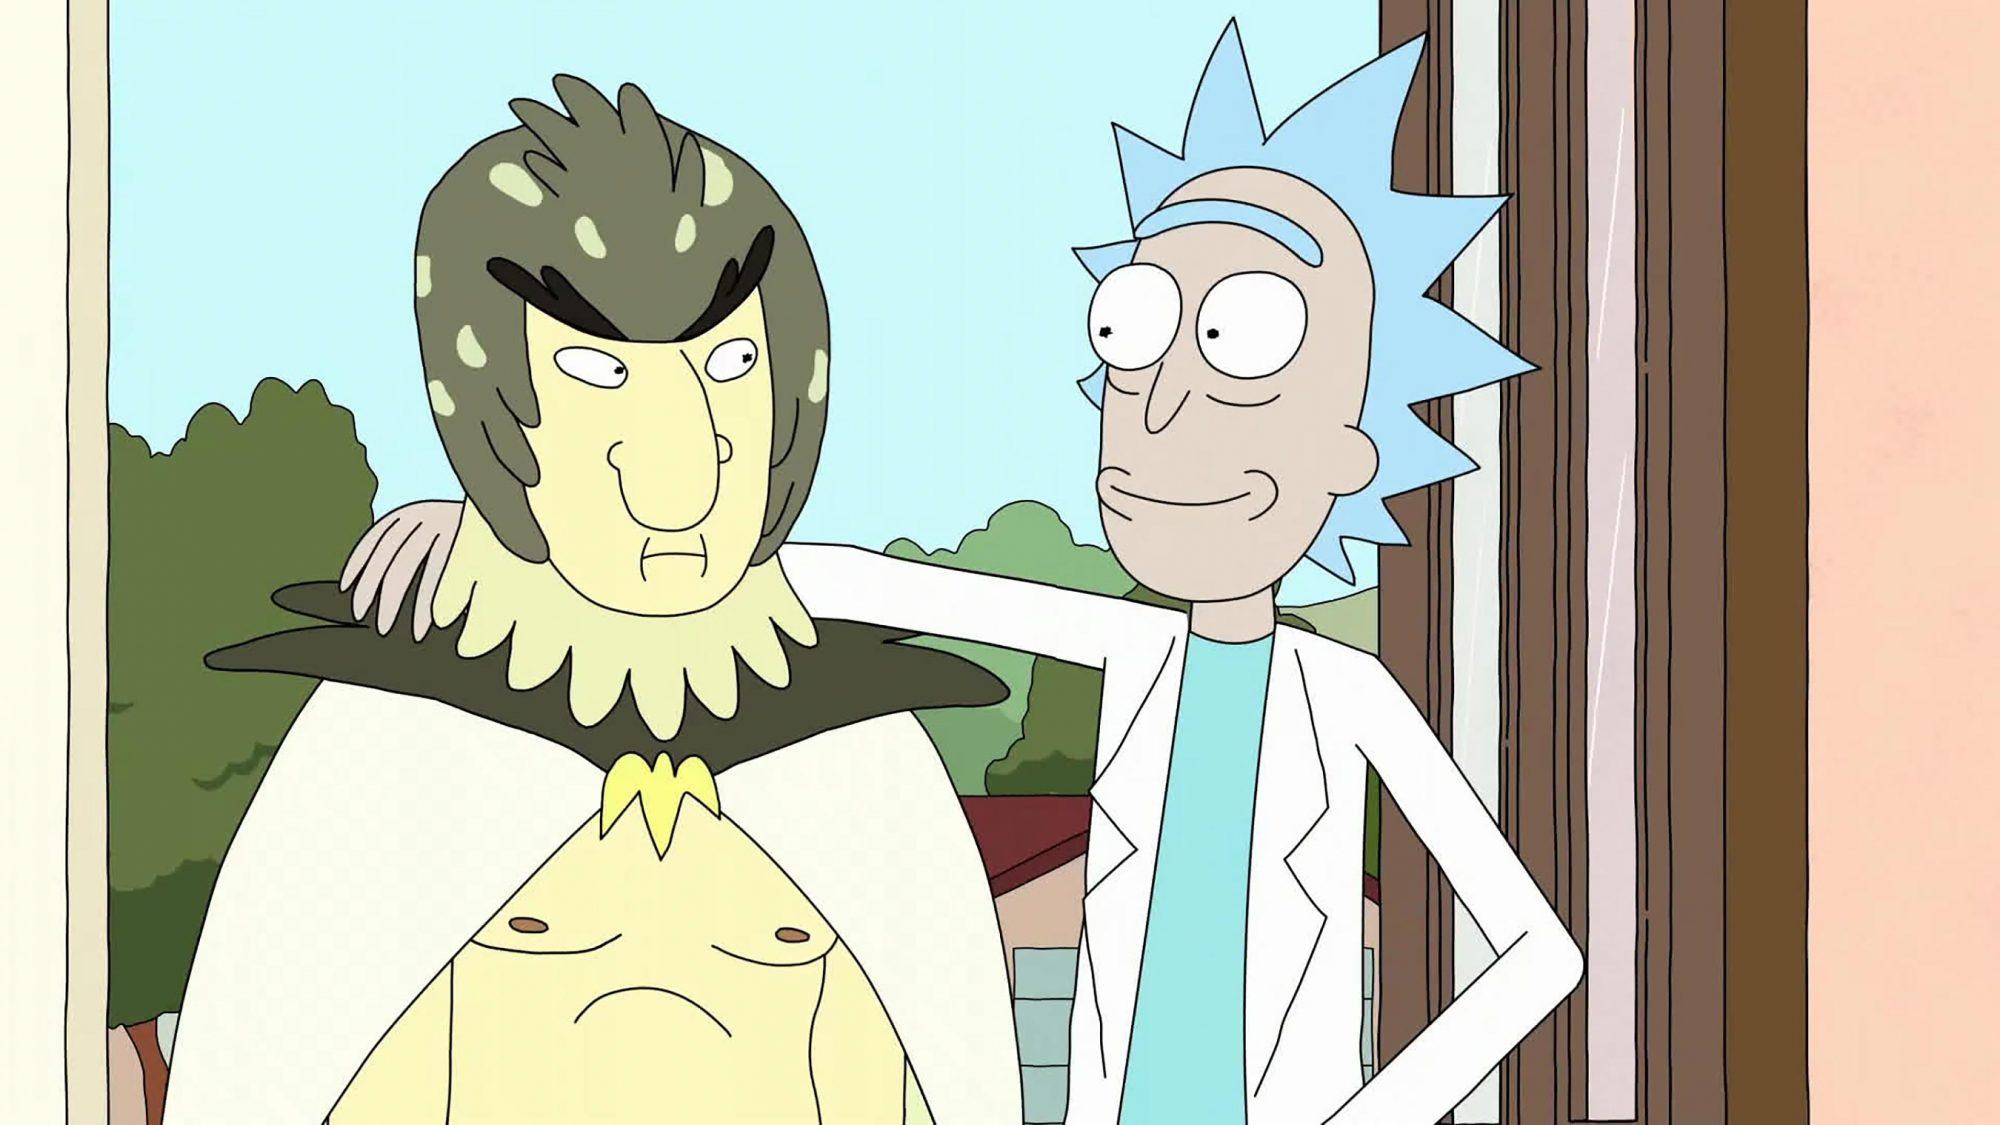 Ricky and Morty - Bird Person (Season 1, Episode 11; Season 2, Episode 10)